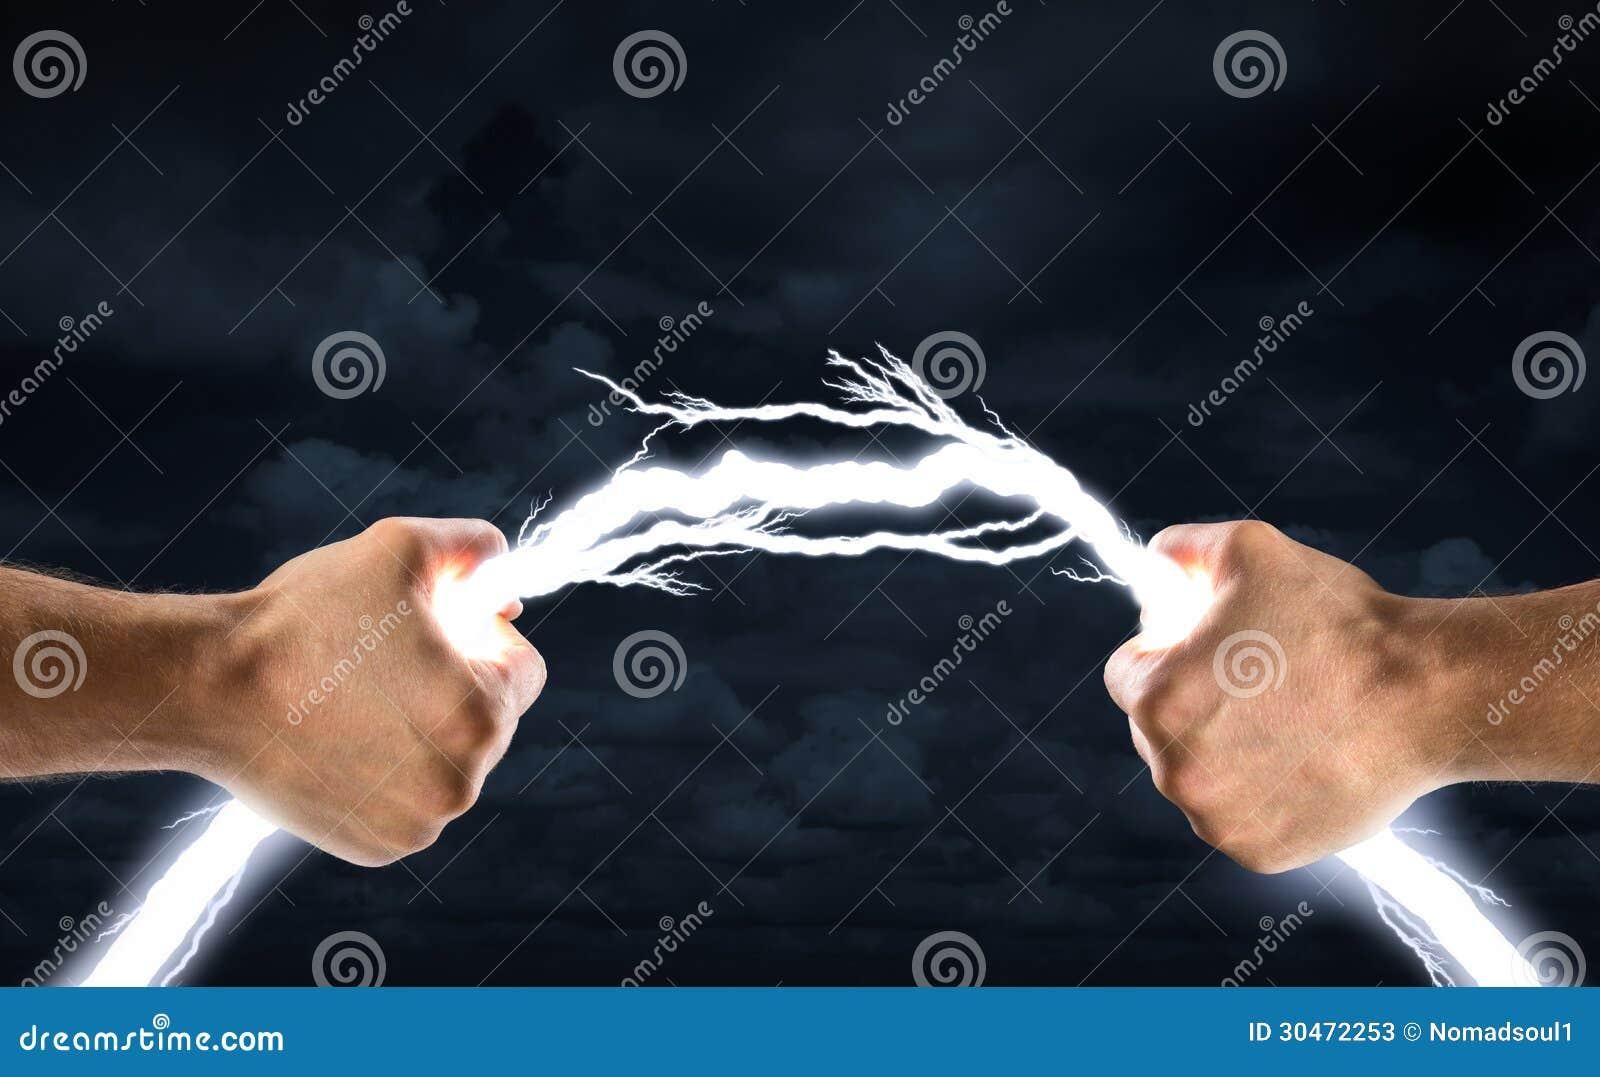 Как сделать молнию в руке нашопе